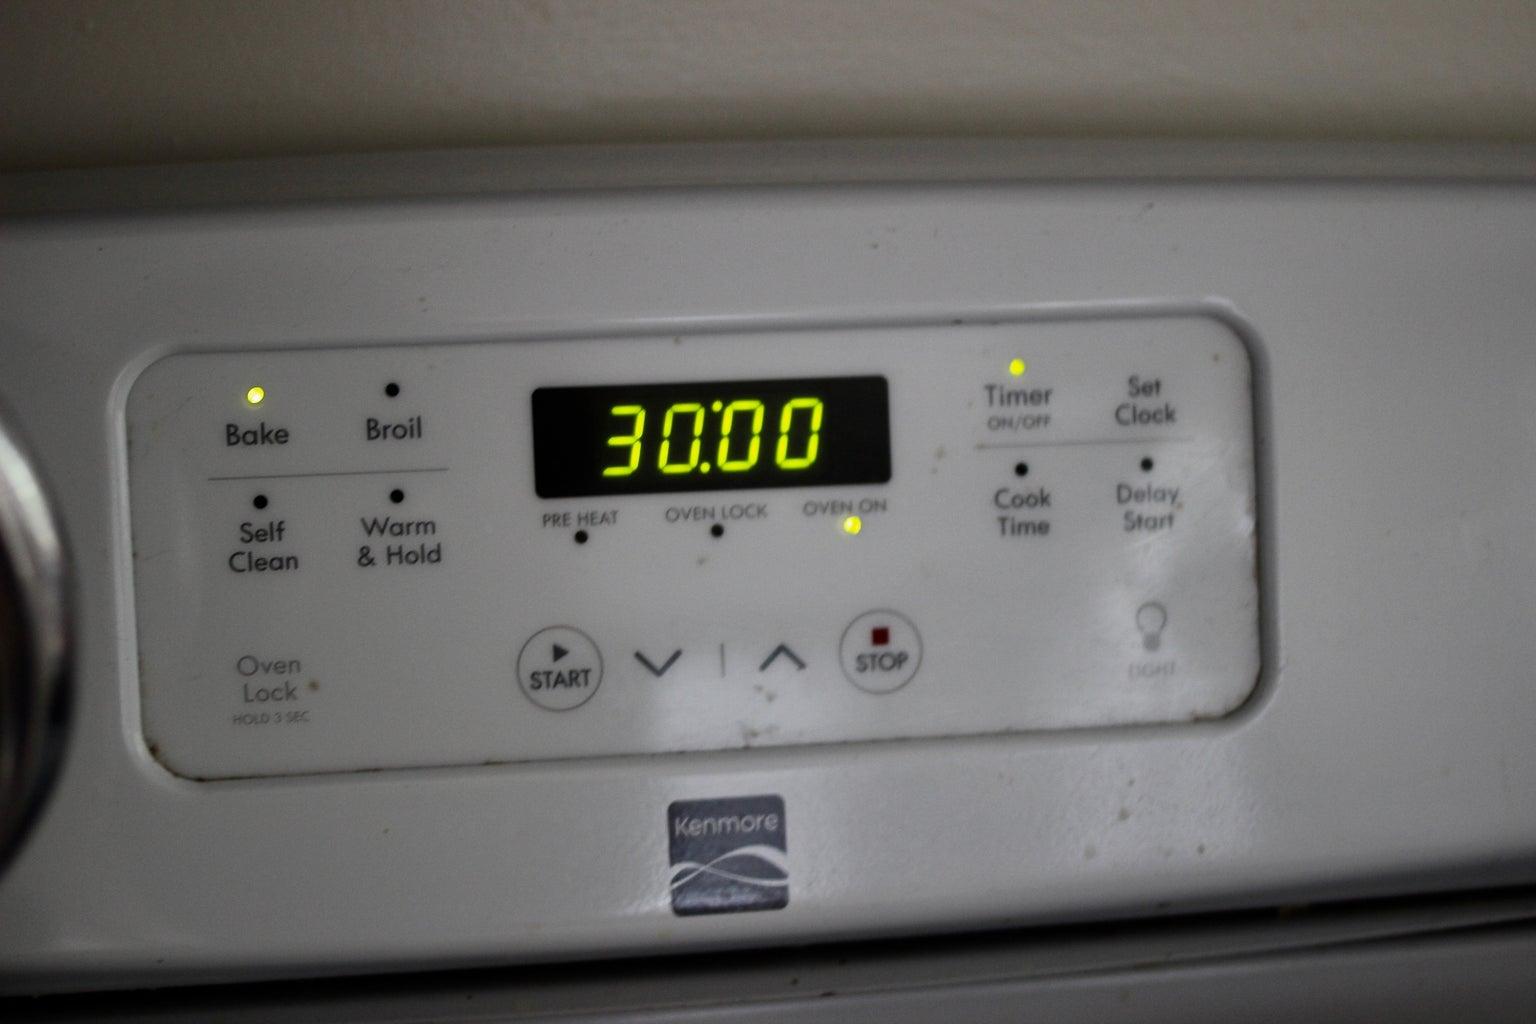 Set Timer for 30 Minutes